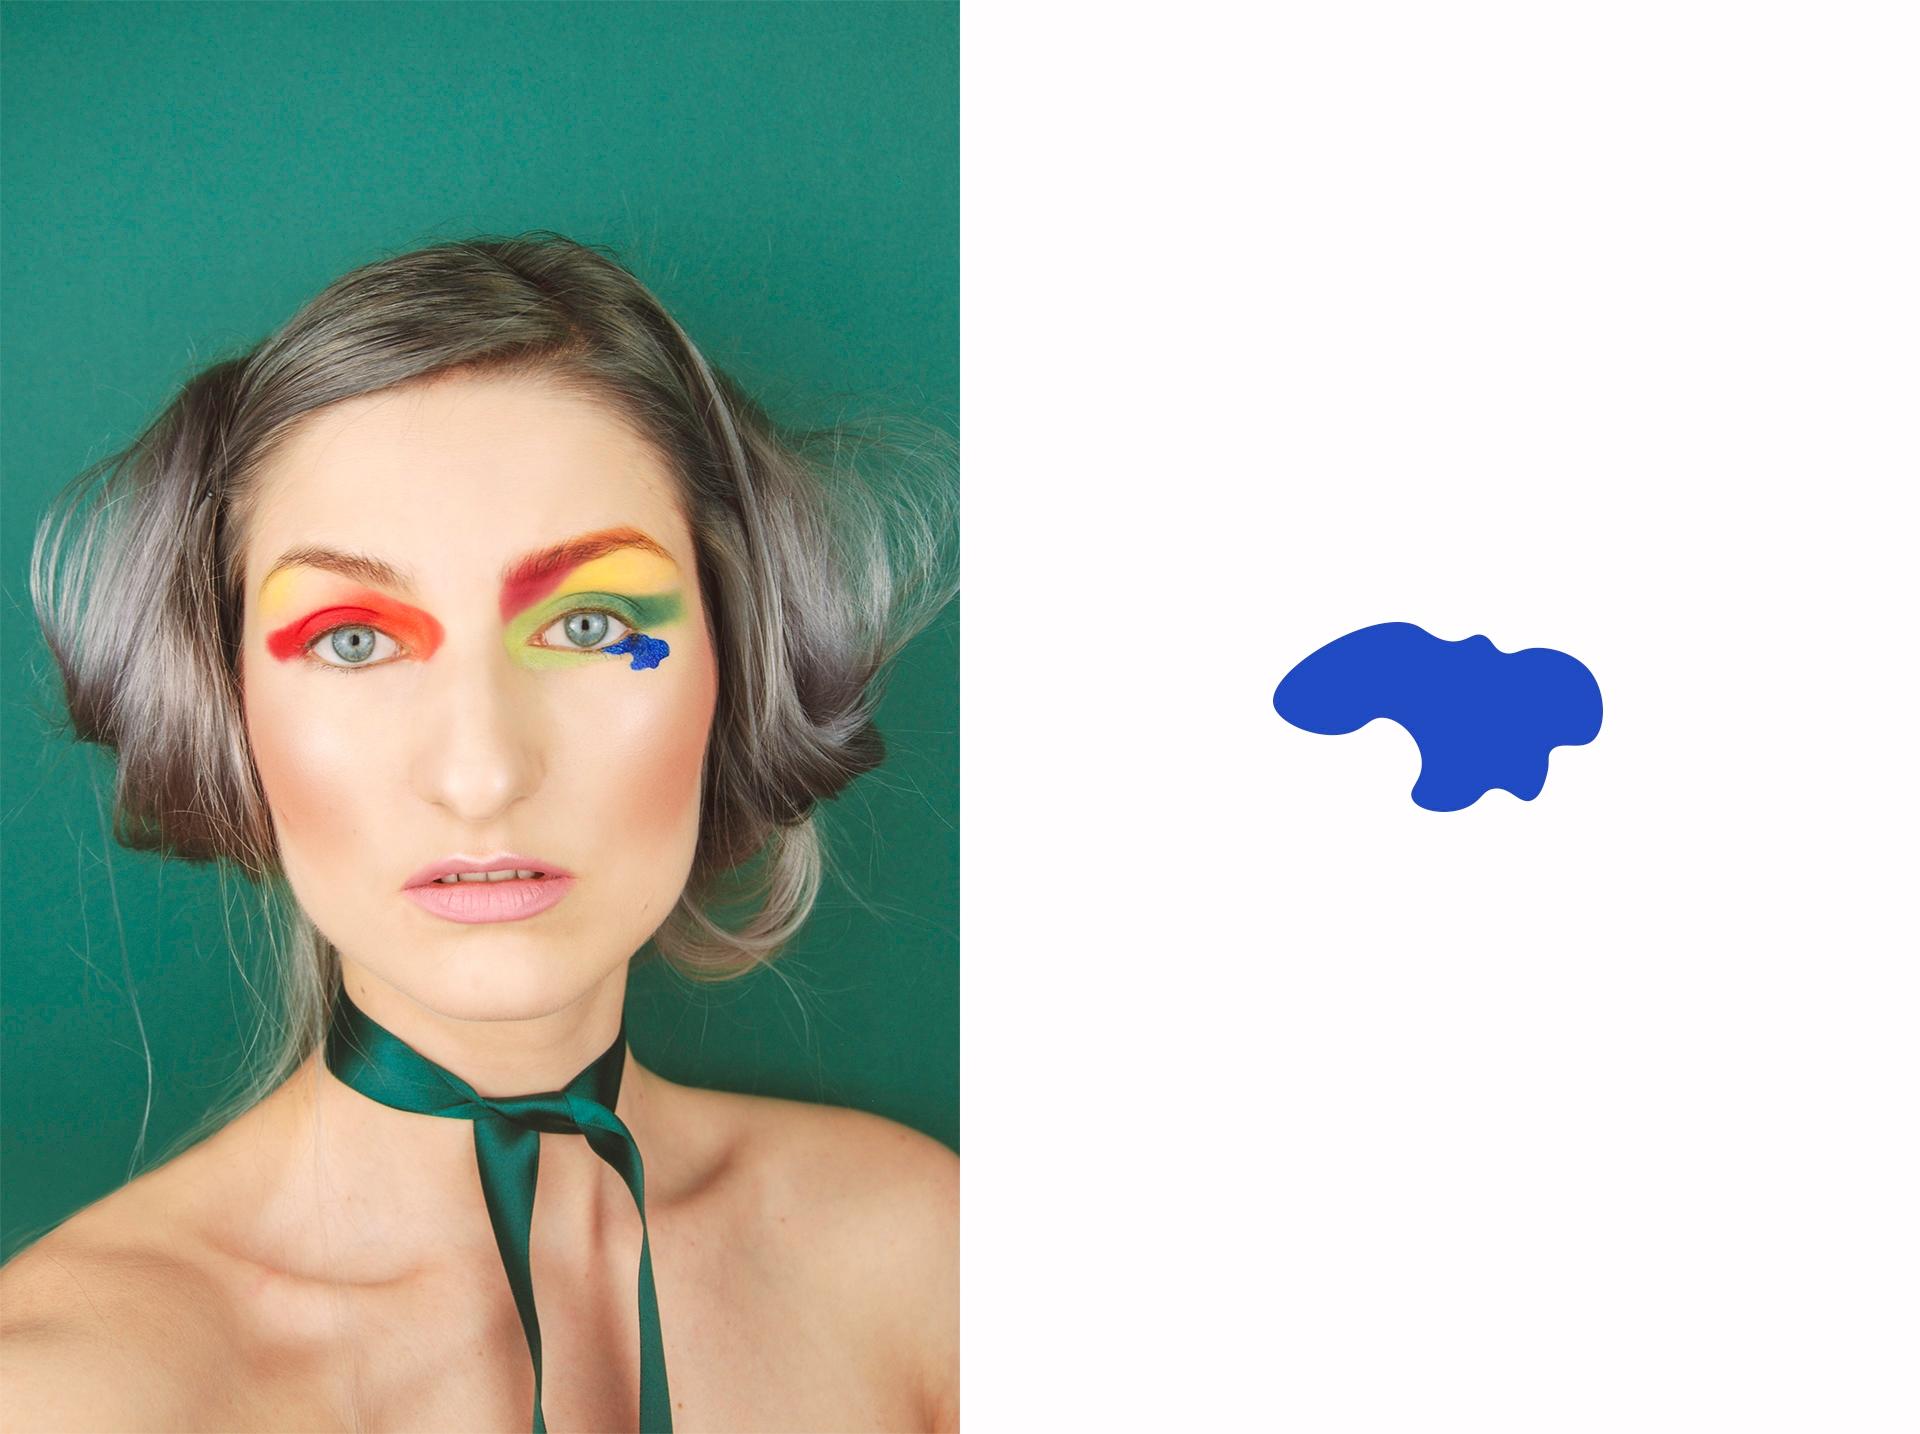 Zdjęcie przedstawia młodą kobietę na zielonym tle w mocnym makijażu oczu. Z lewej strony widzimy niebieską plamkę na białym tle.